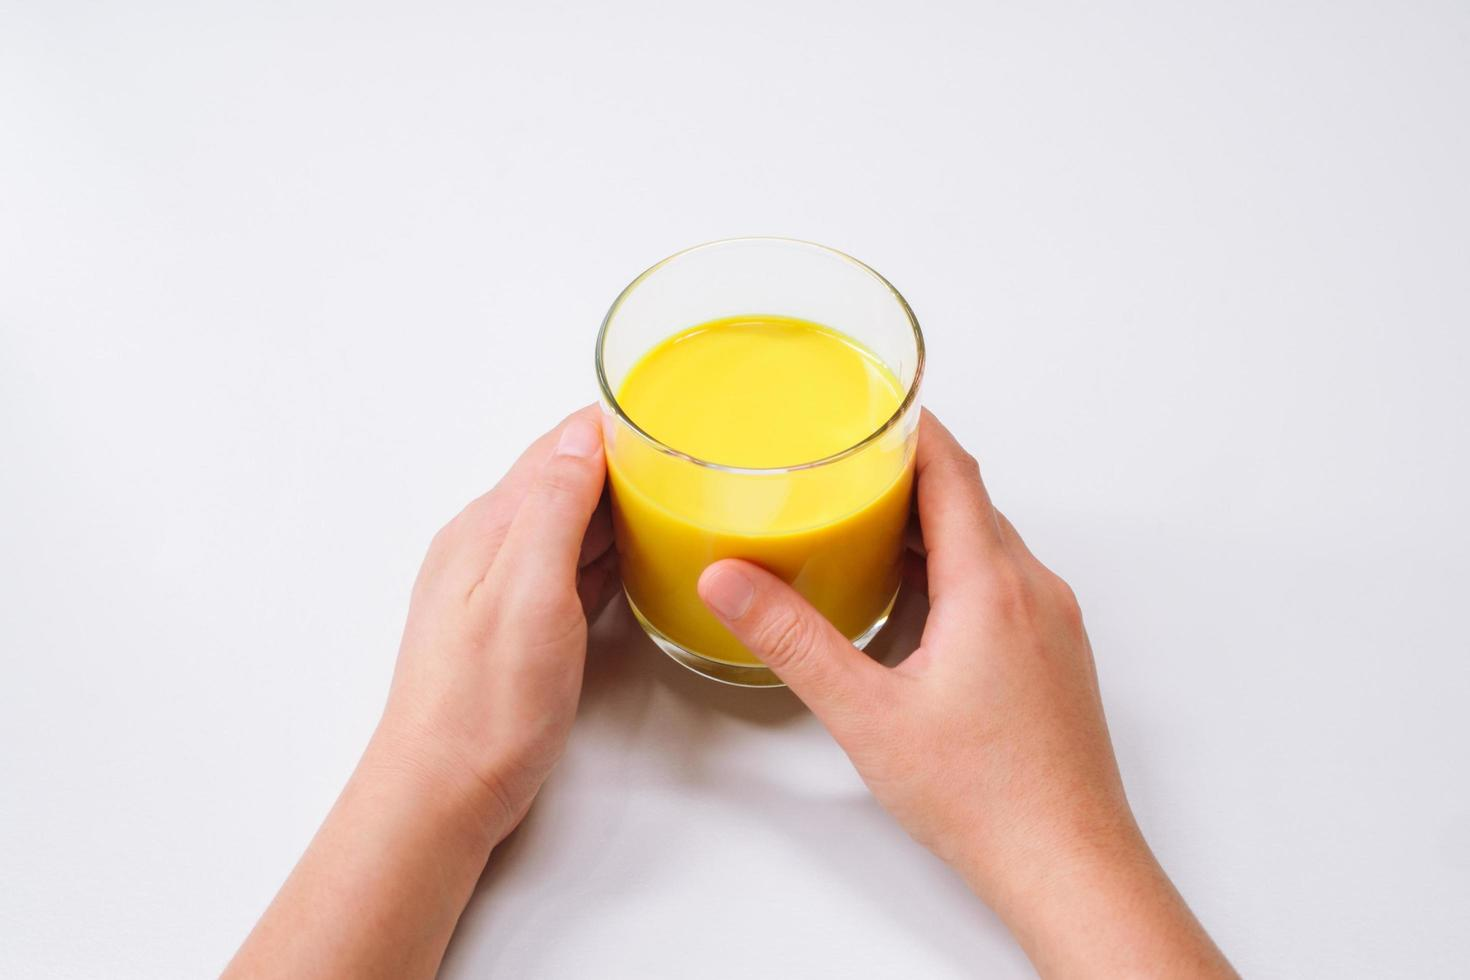 Hände halten Glas goldene Milch Kurkuma Latte foto